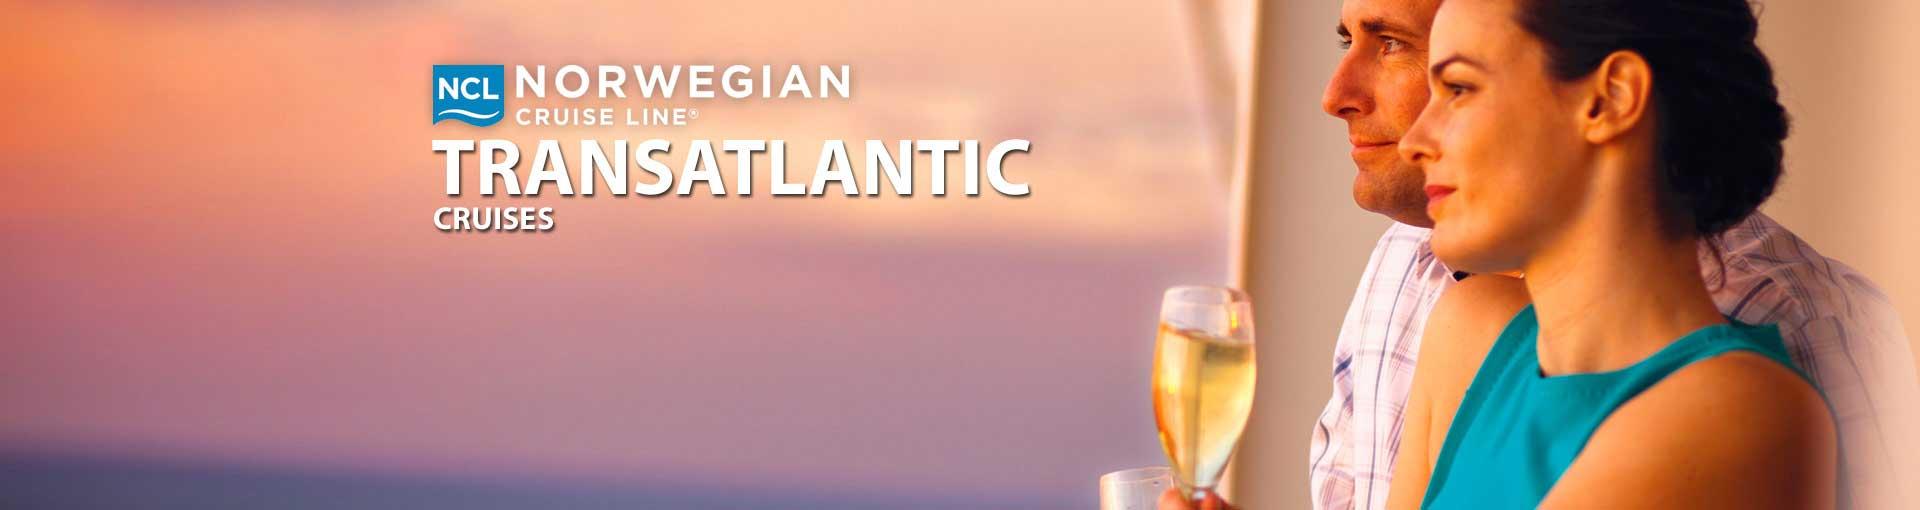 Norwegian Cruise Line Transatlantic Cruises